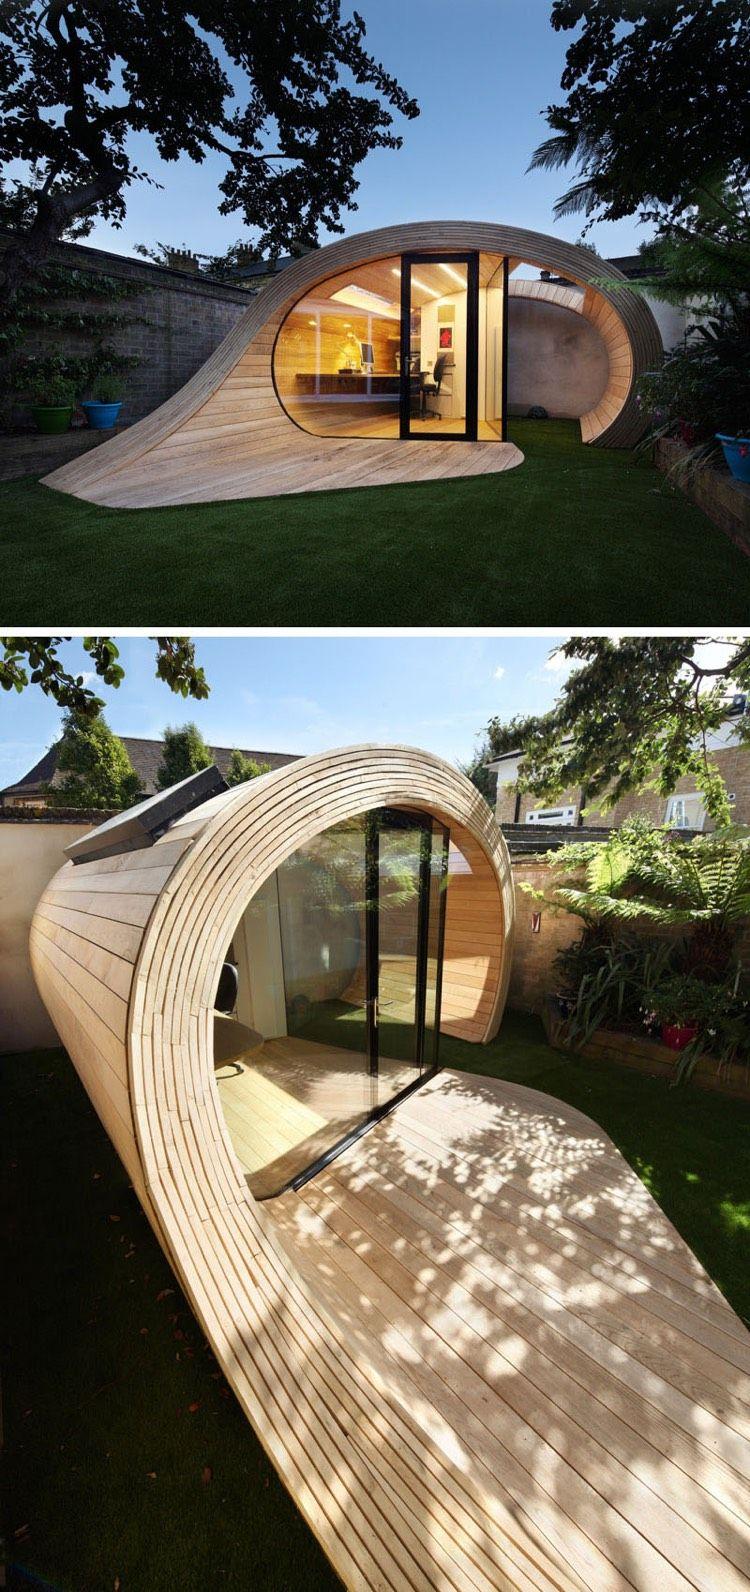 Hervorragend 14 Moderne Gartenhäuser, Wo Man In Ruhe Arbeiten Oder Sogar Wohnen Kann  #arbeiten #